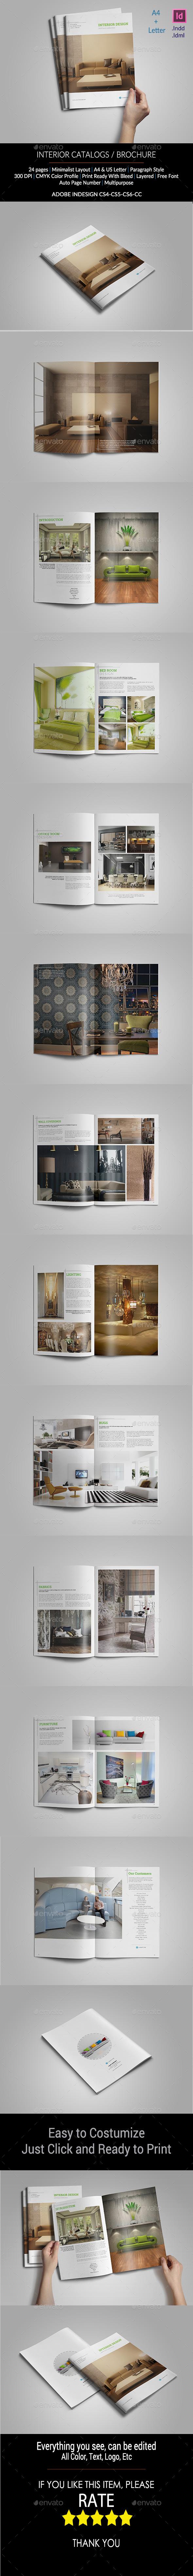 GraphicRiver Interior Brochure Template 11251668